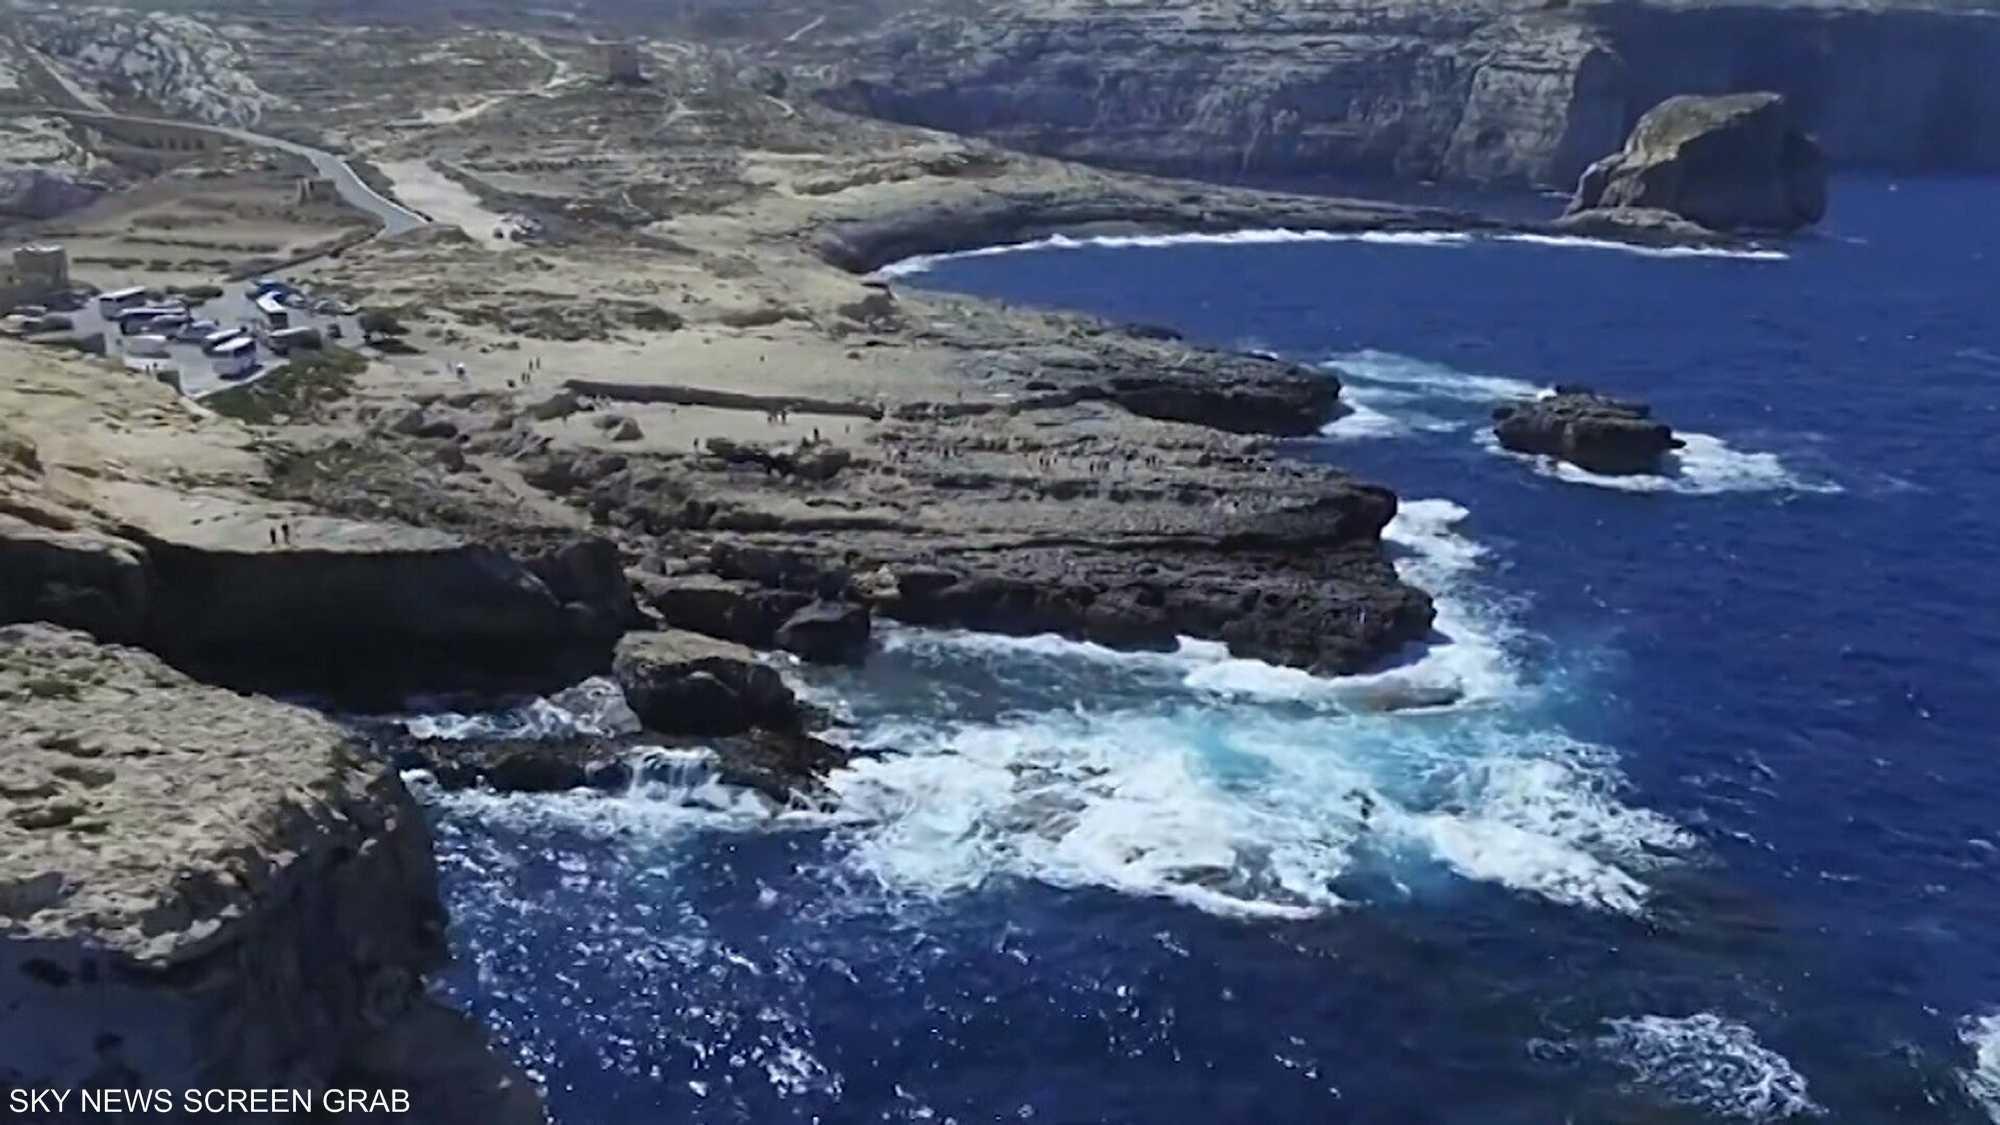 جولة في جزيرة غوزو الشقيقة الأصغر لمالطا